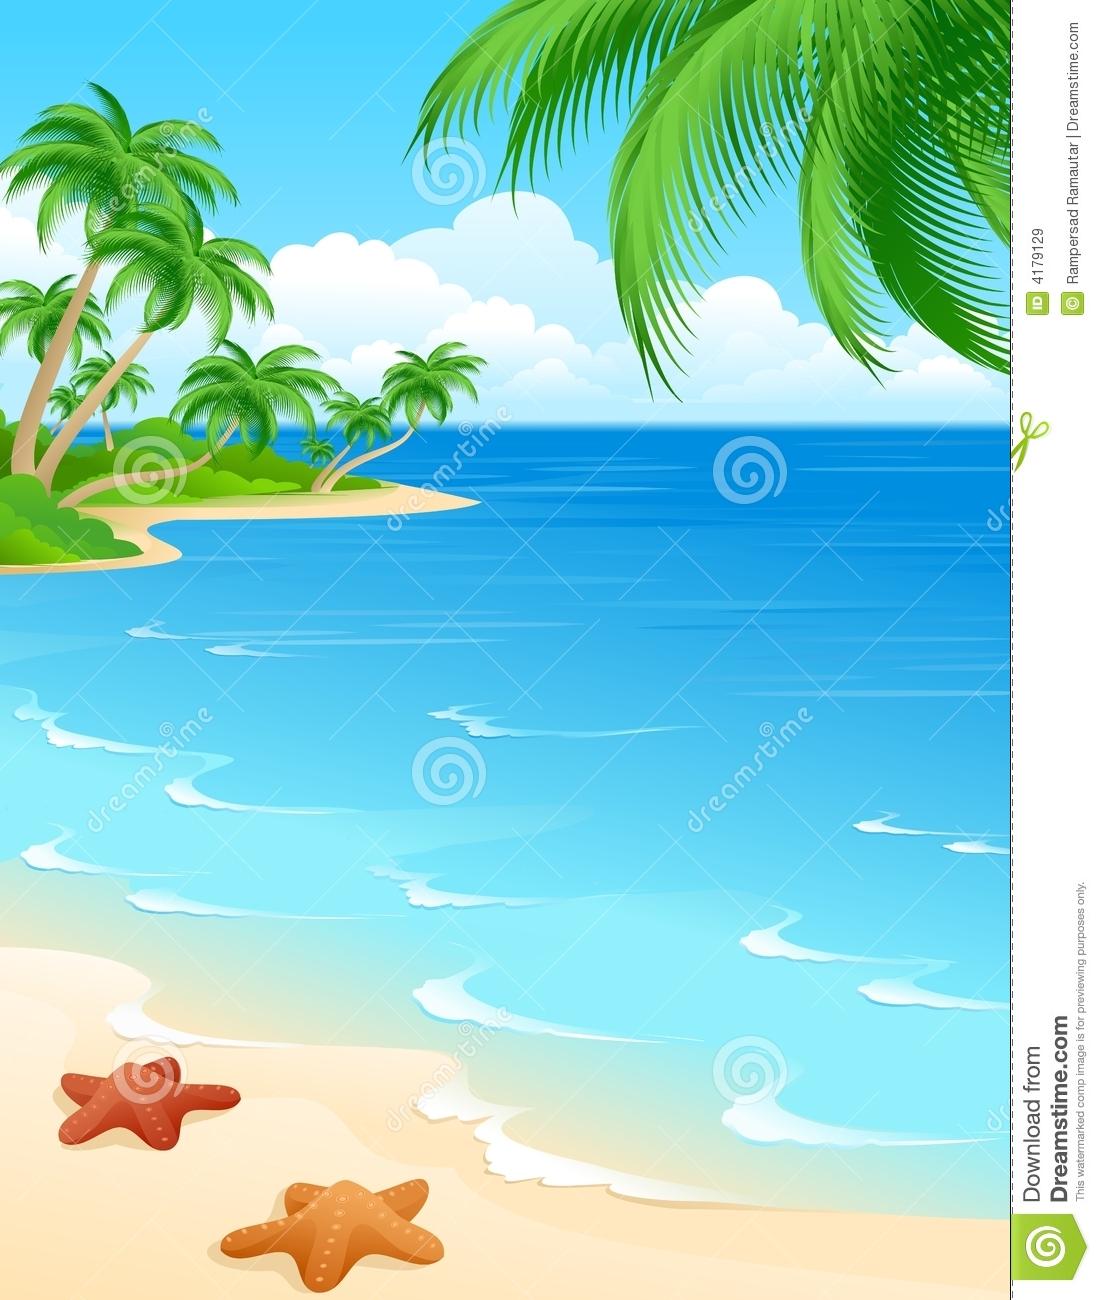 Free clipart beach scenes clip art download 78+ Free Beach Clipart | ClipartLook clip art download